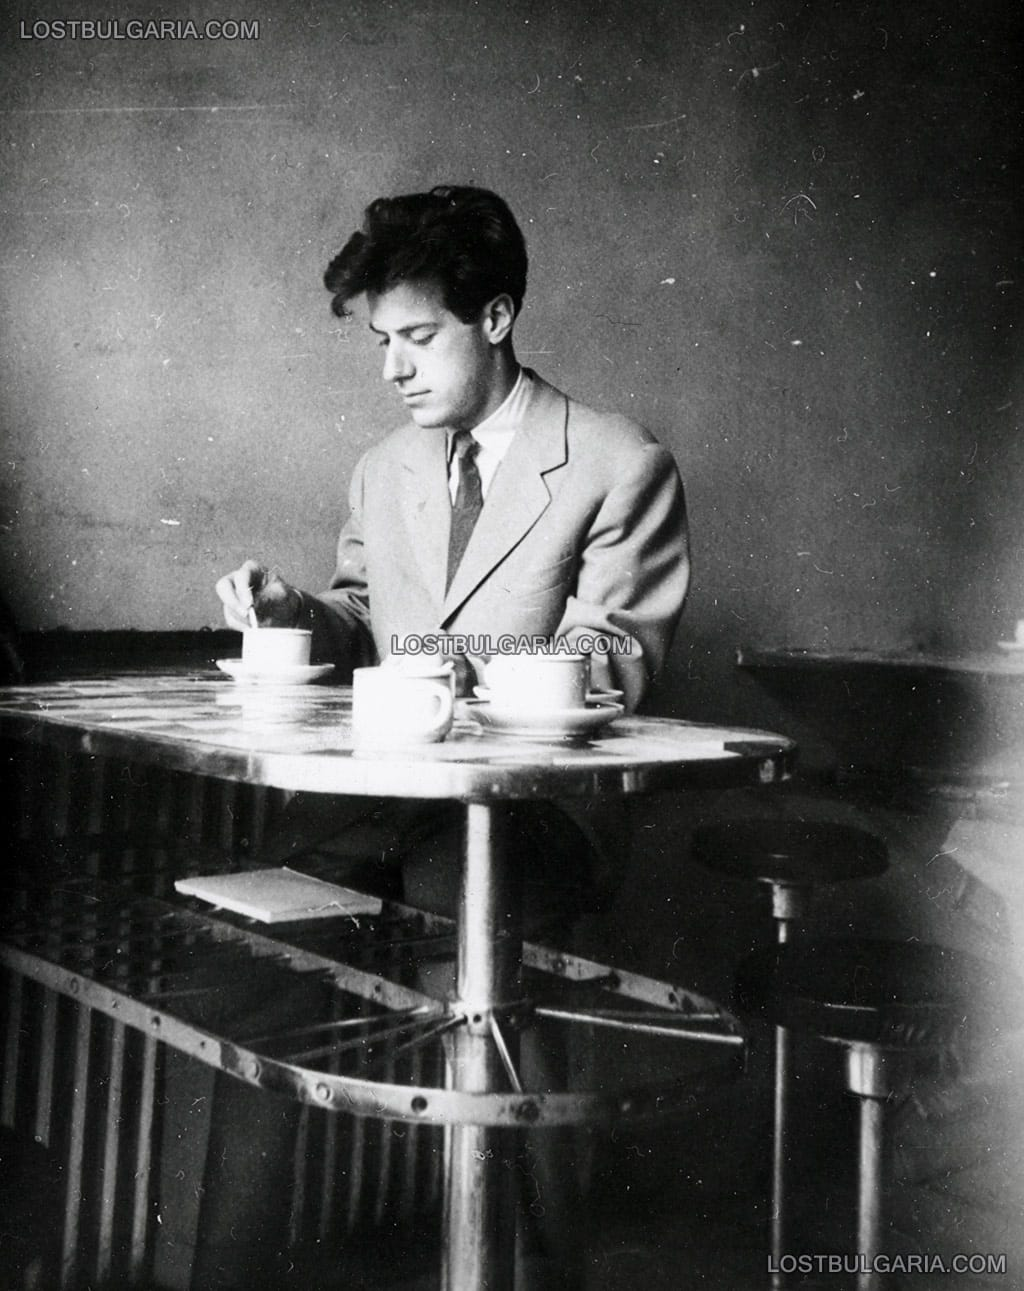 София, елегантно облечен млад мъж в кафене, началото на 60-те години на ХХ век